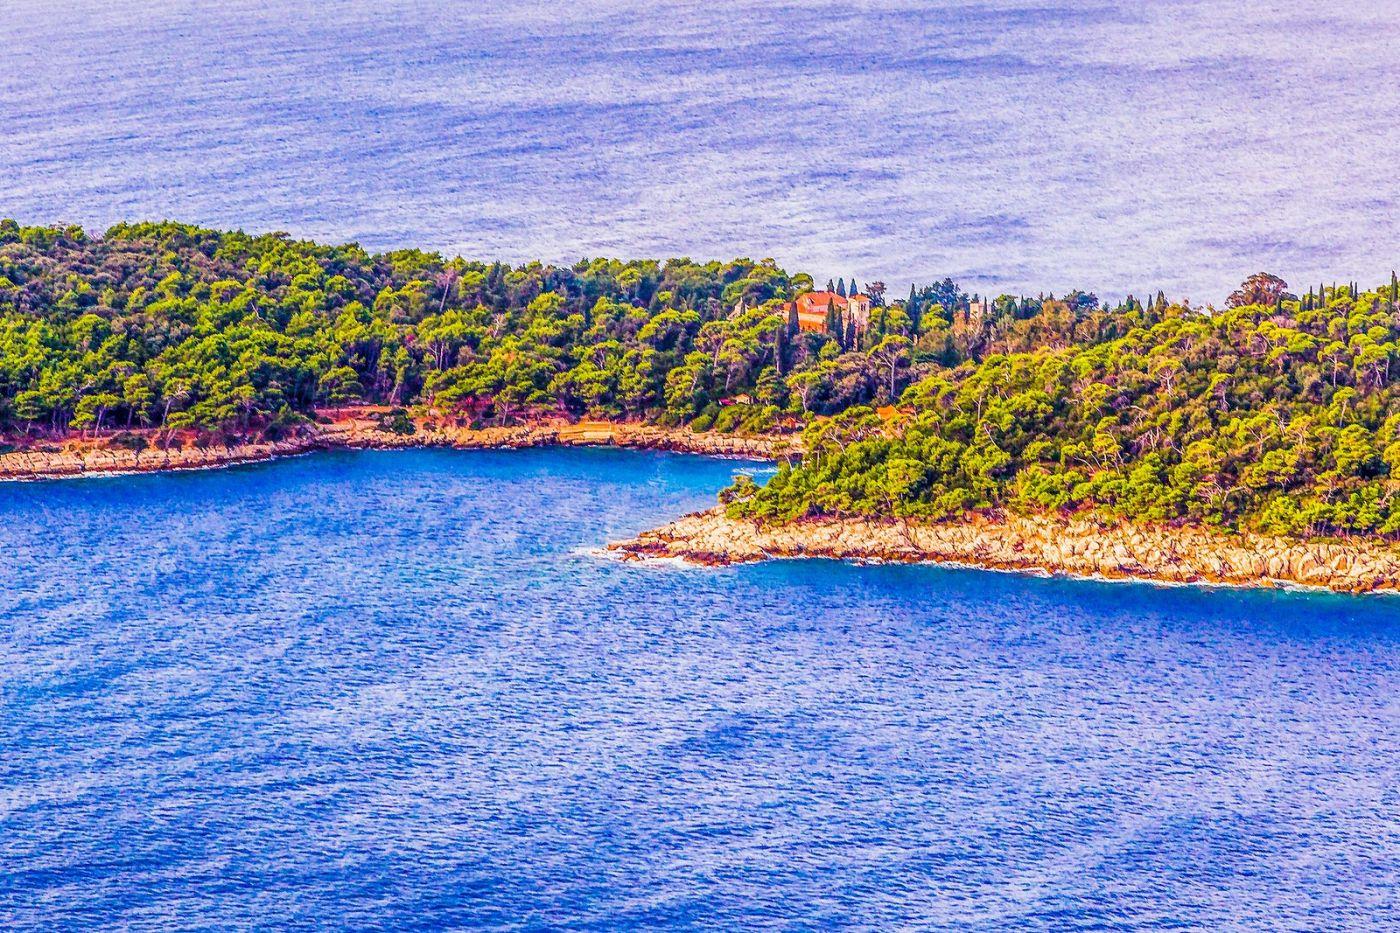 克罗地亚杜布罗夫尼克(Dubrovnik),远眺古城_图1-4